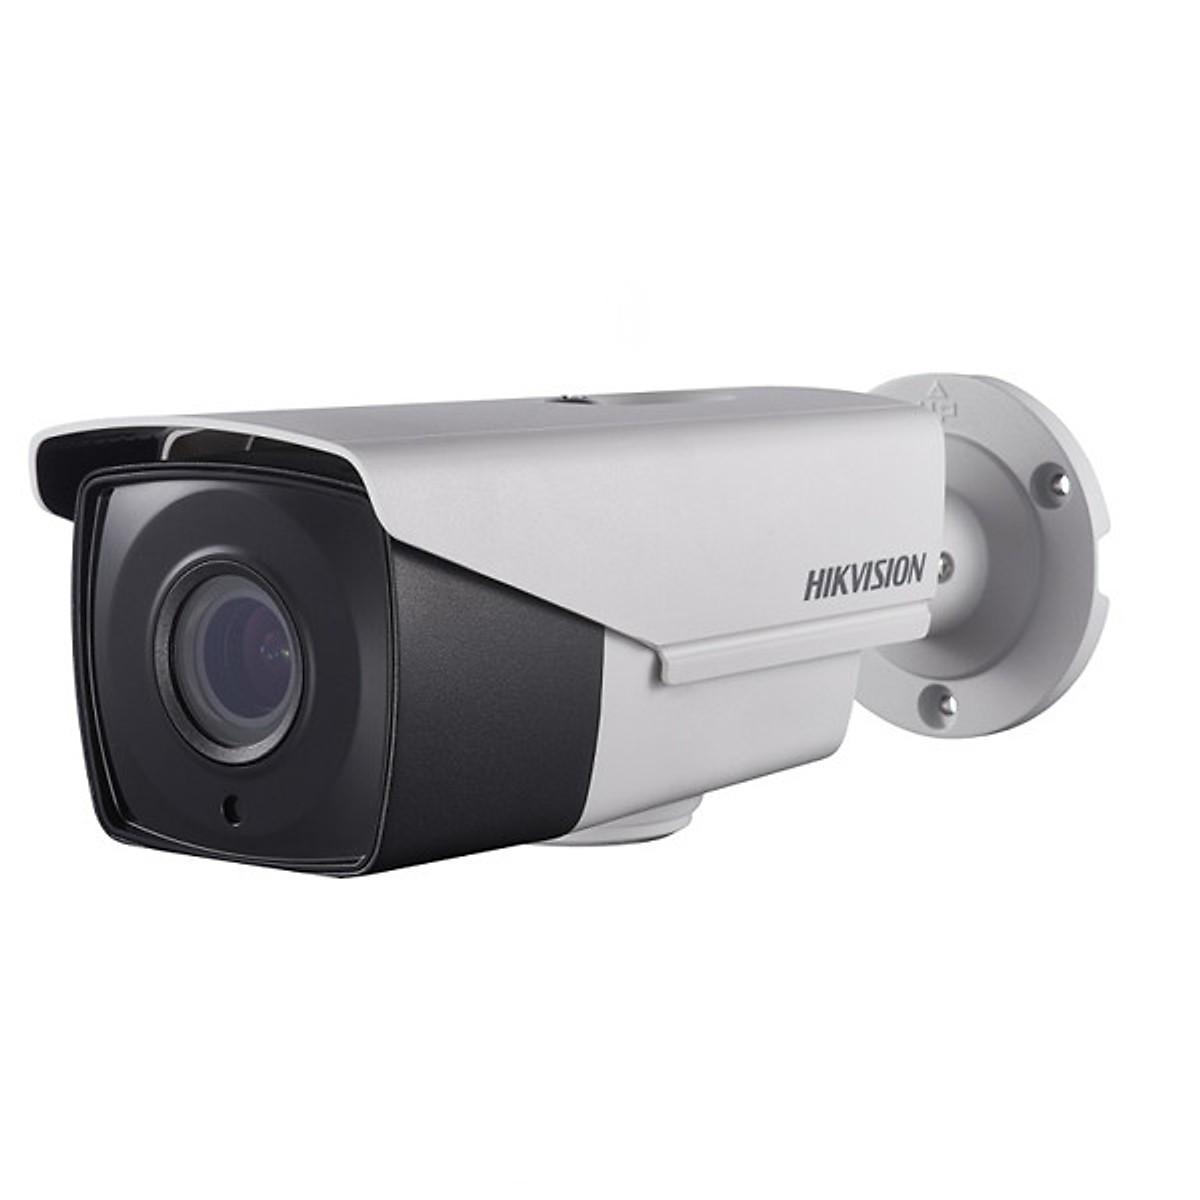 Camera HD-TVI Trụ Hồng Ngoại 3MP HIKVISION DS-2CE16F7T-IT3Z – Hàng chính hãng